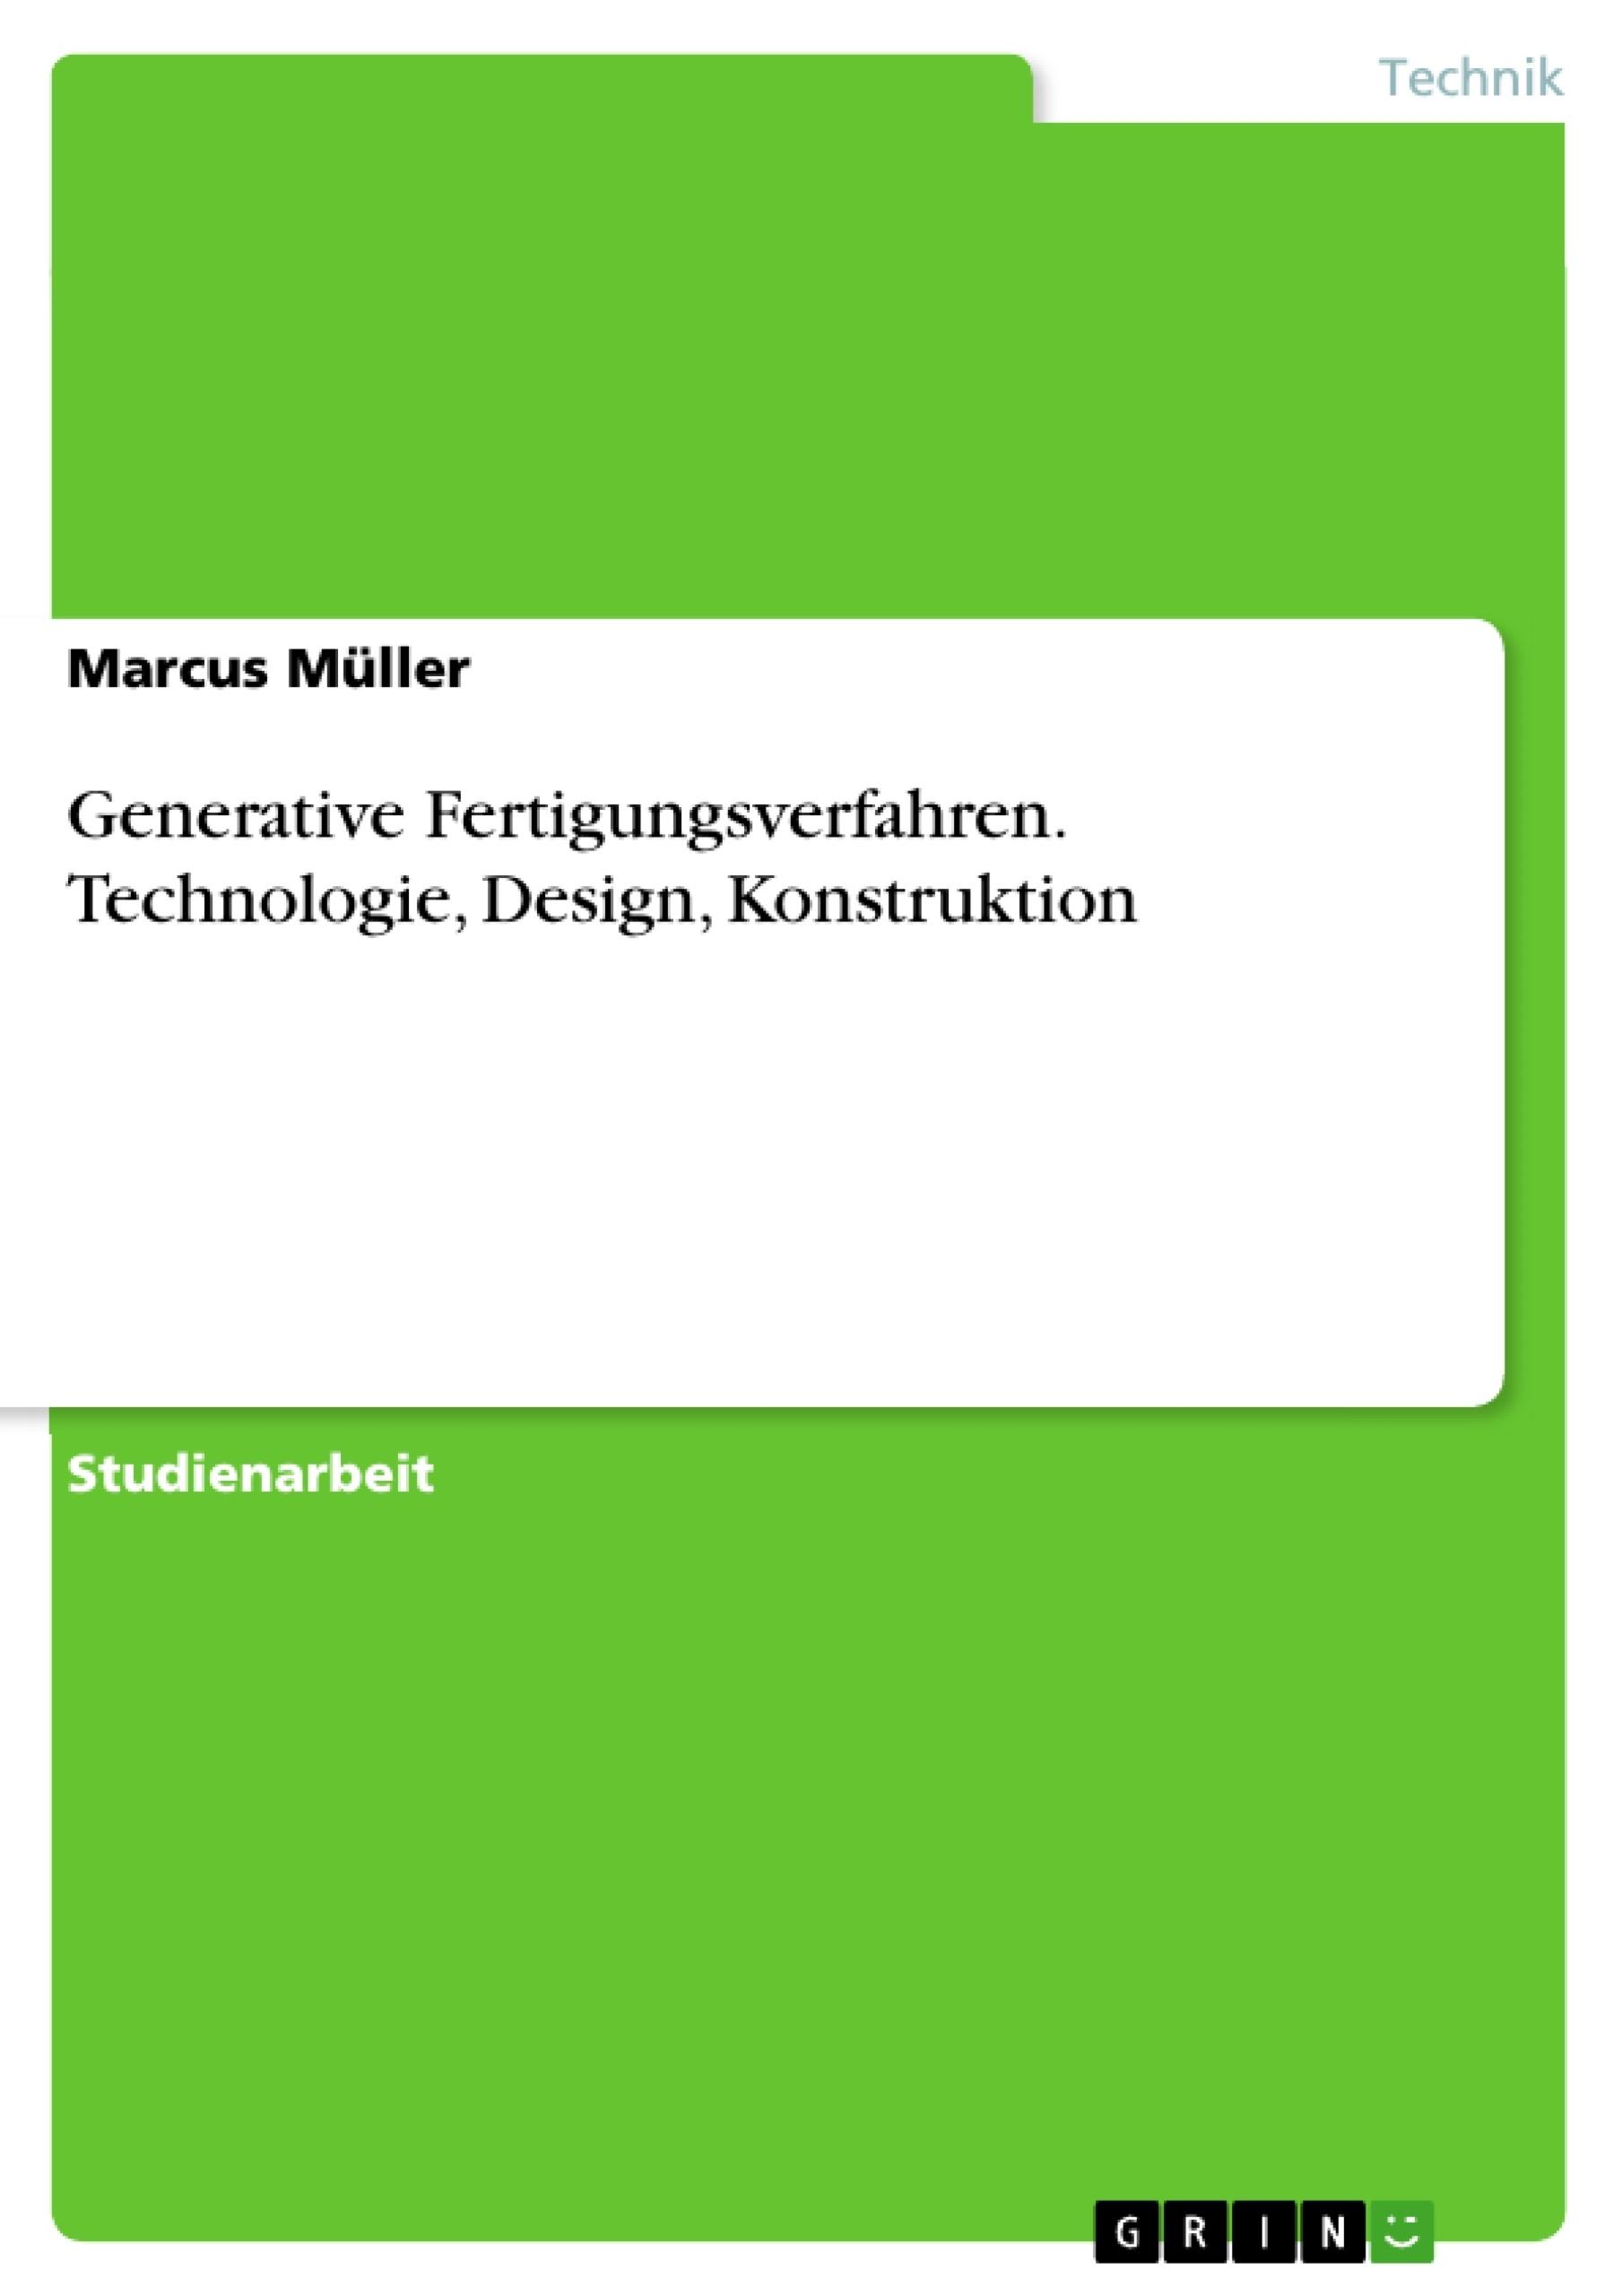 Titel: Generative Fertigungsverfahren. Technologie, Design, Konstruktion